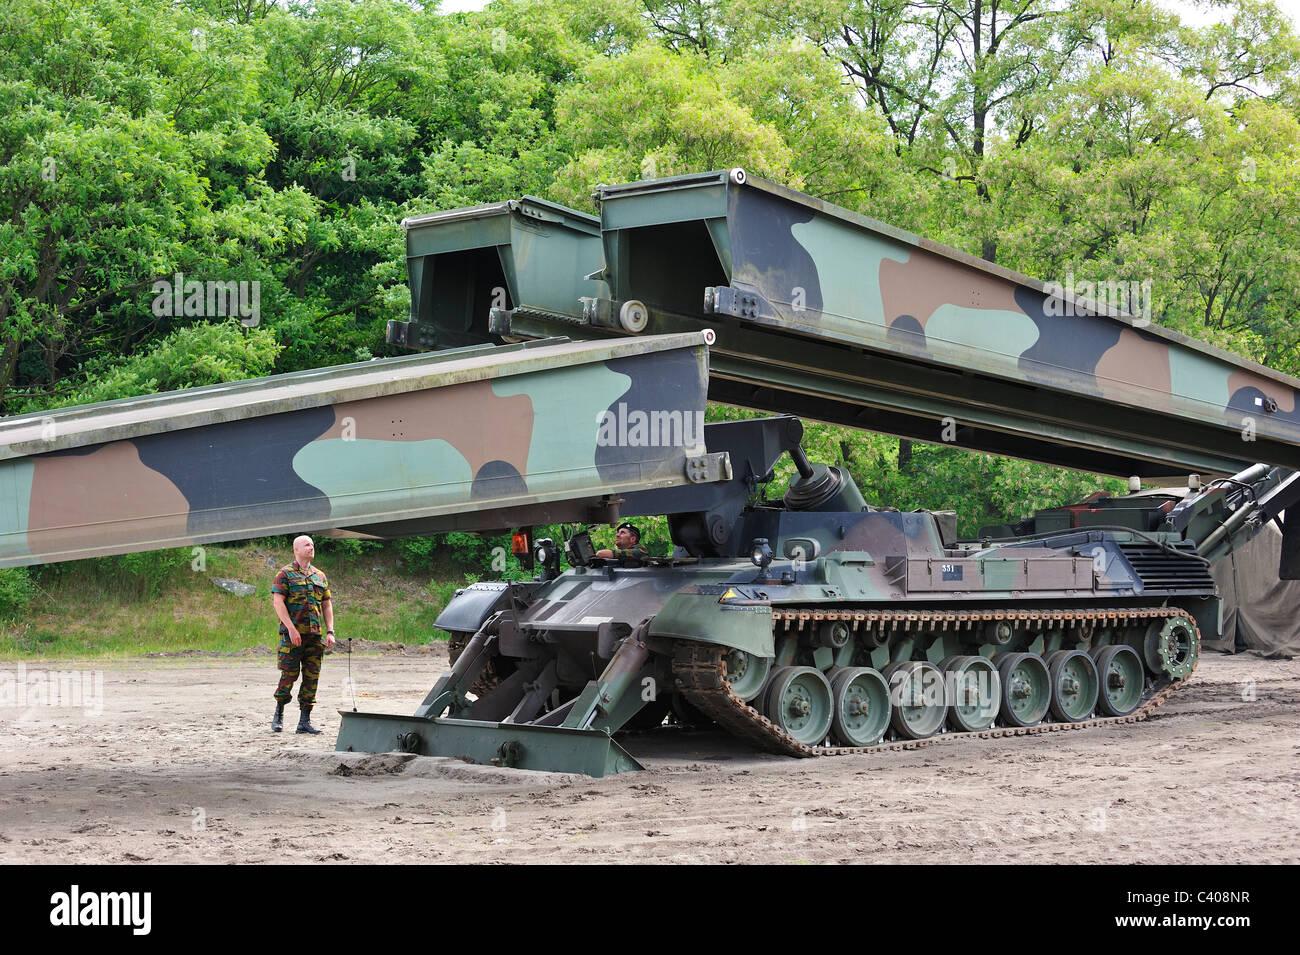 Soutien de l'iguane bridge monté sur char Leopard I, véhicule de génie de combat de l'armée Photo Stock